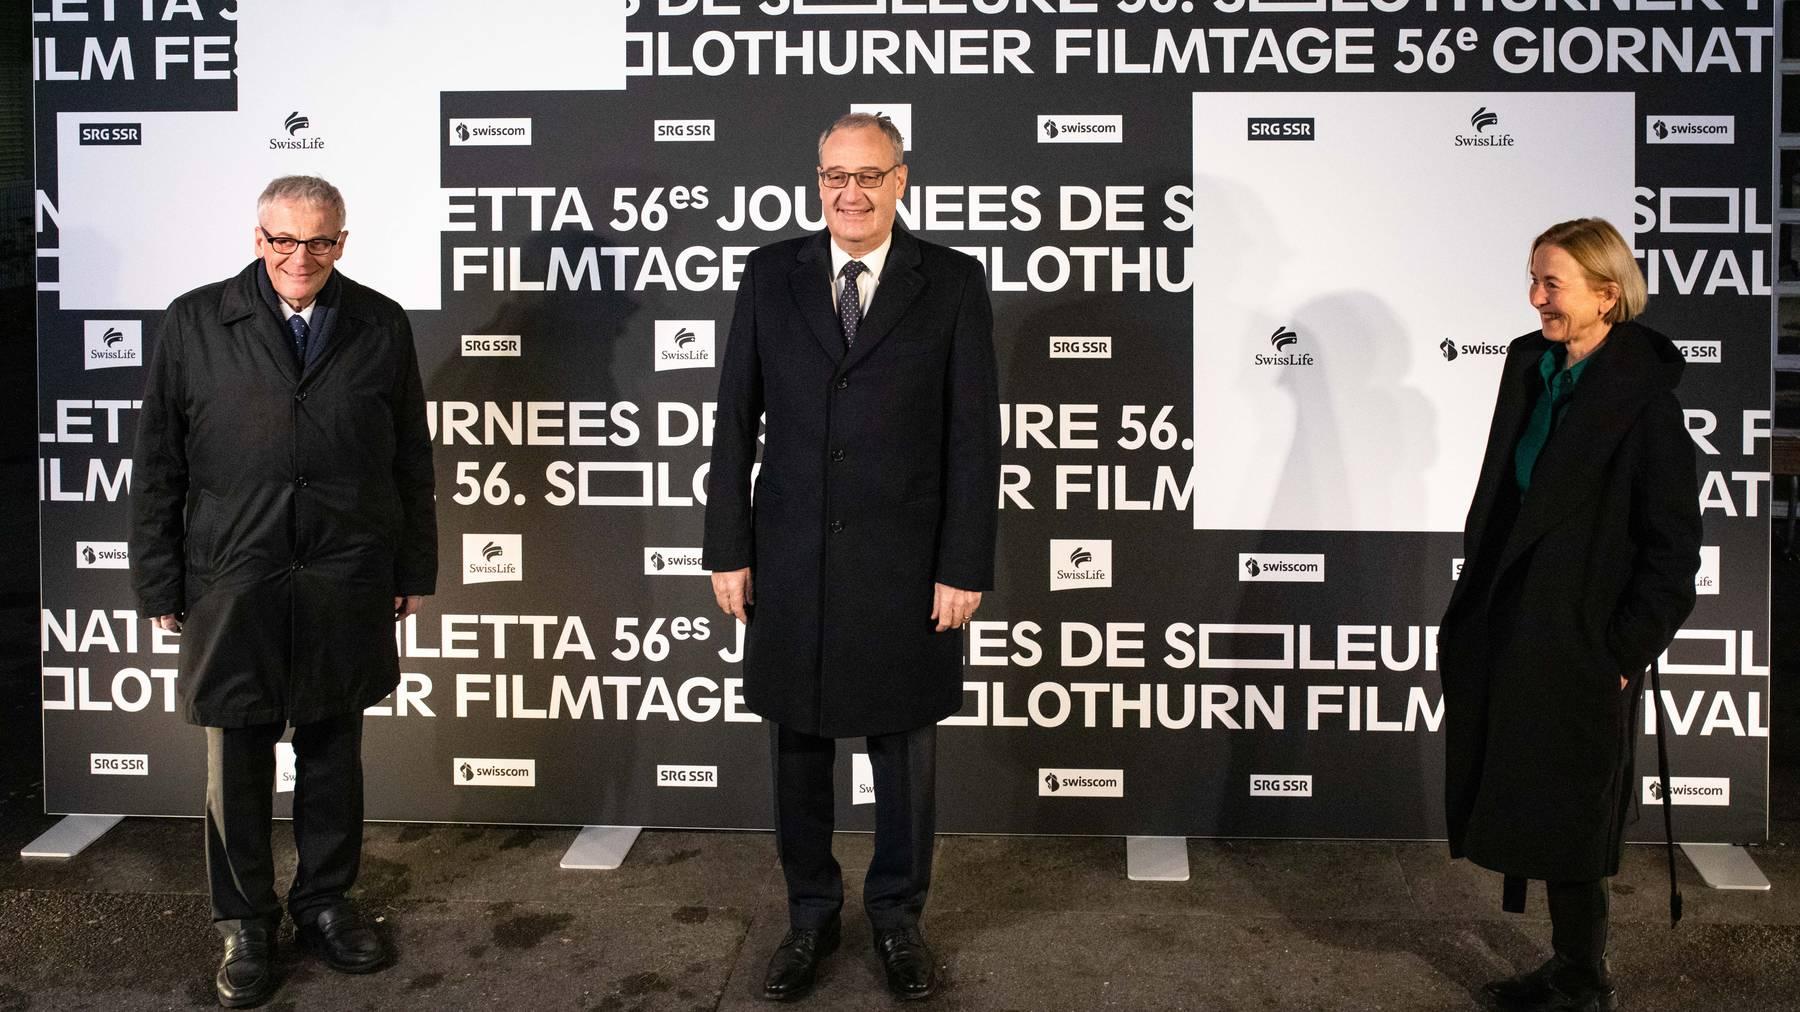 Solothurner Filmtage 2021